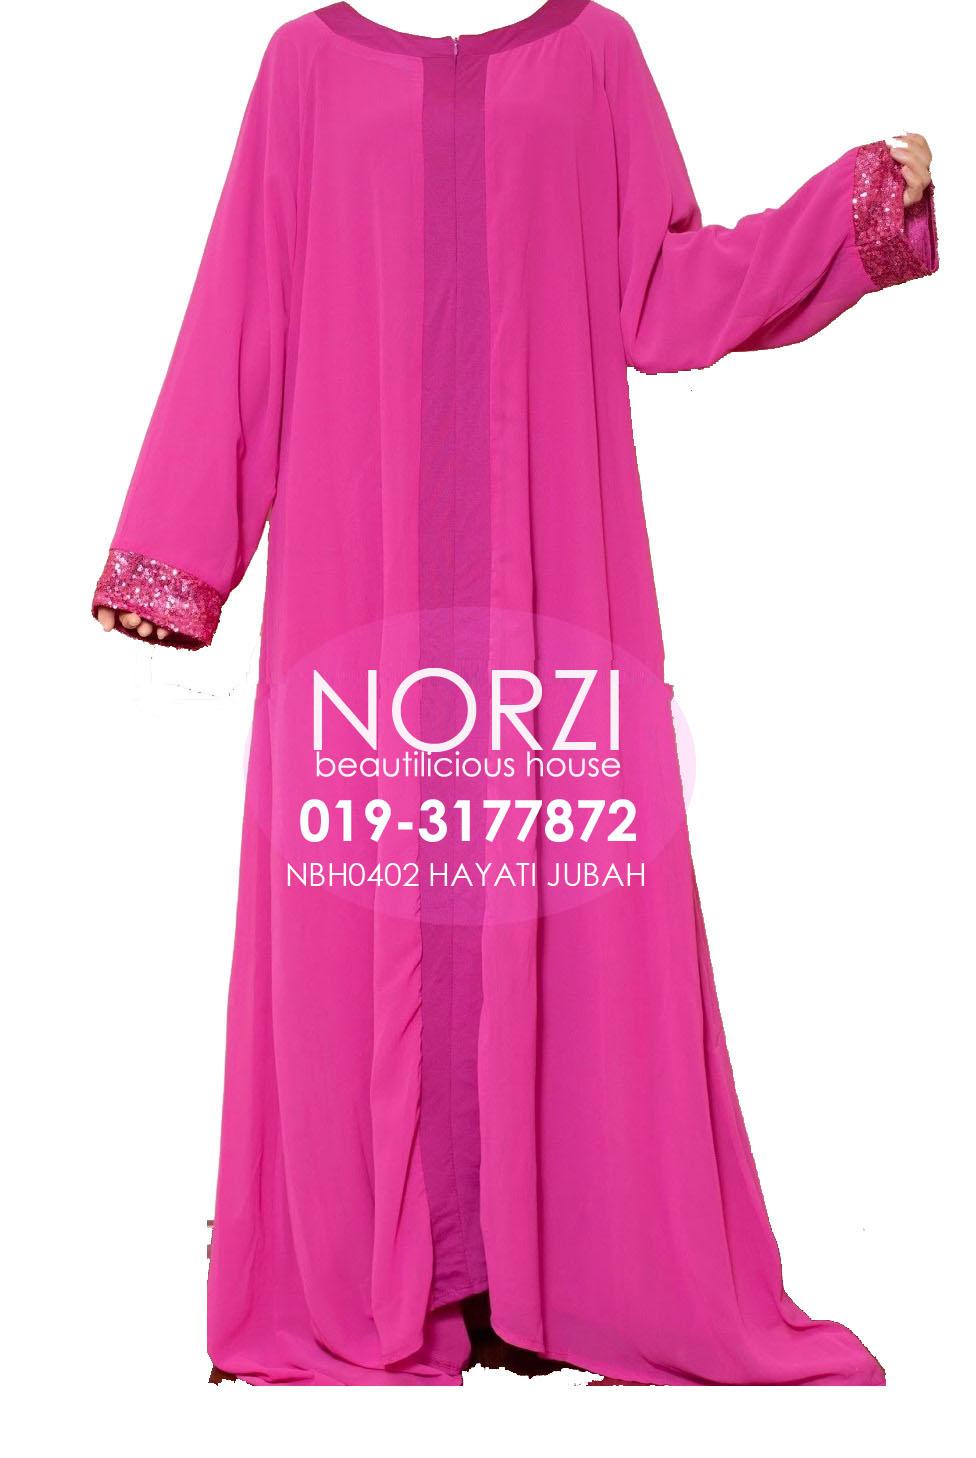 Baju Jubah Murah Dan Cantik Baju Cantik Dan Murah Baju